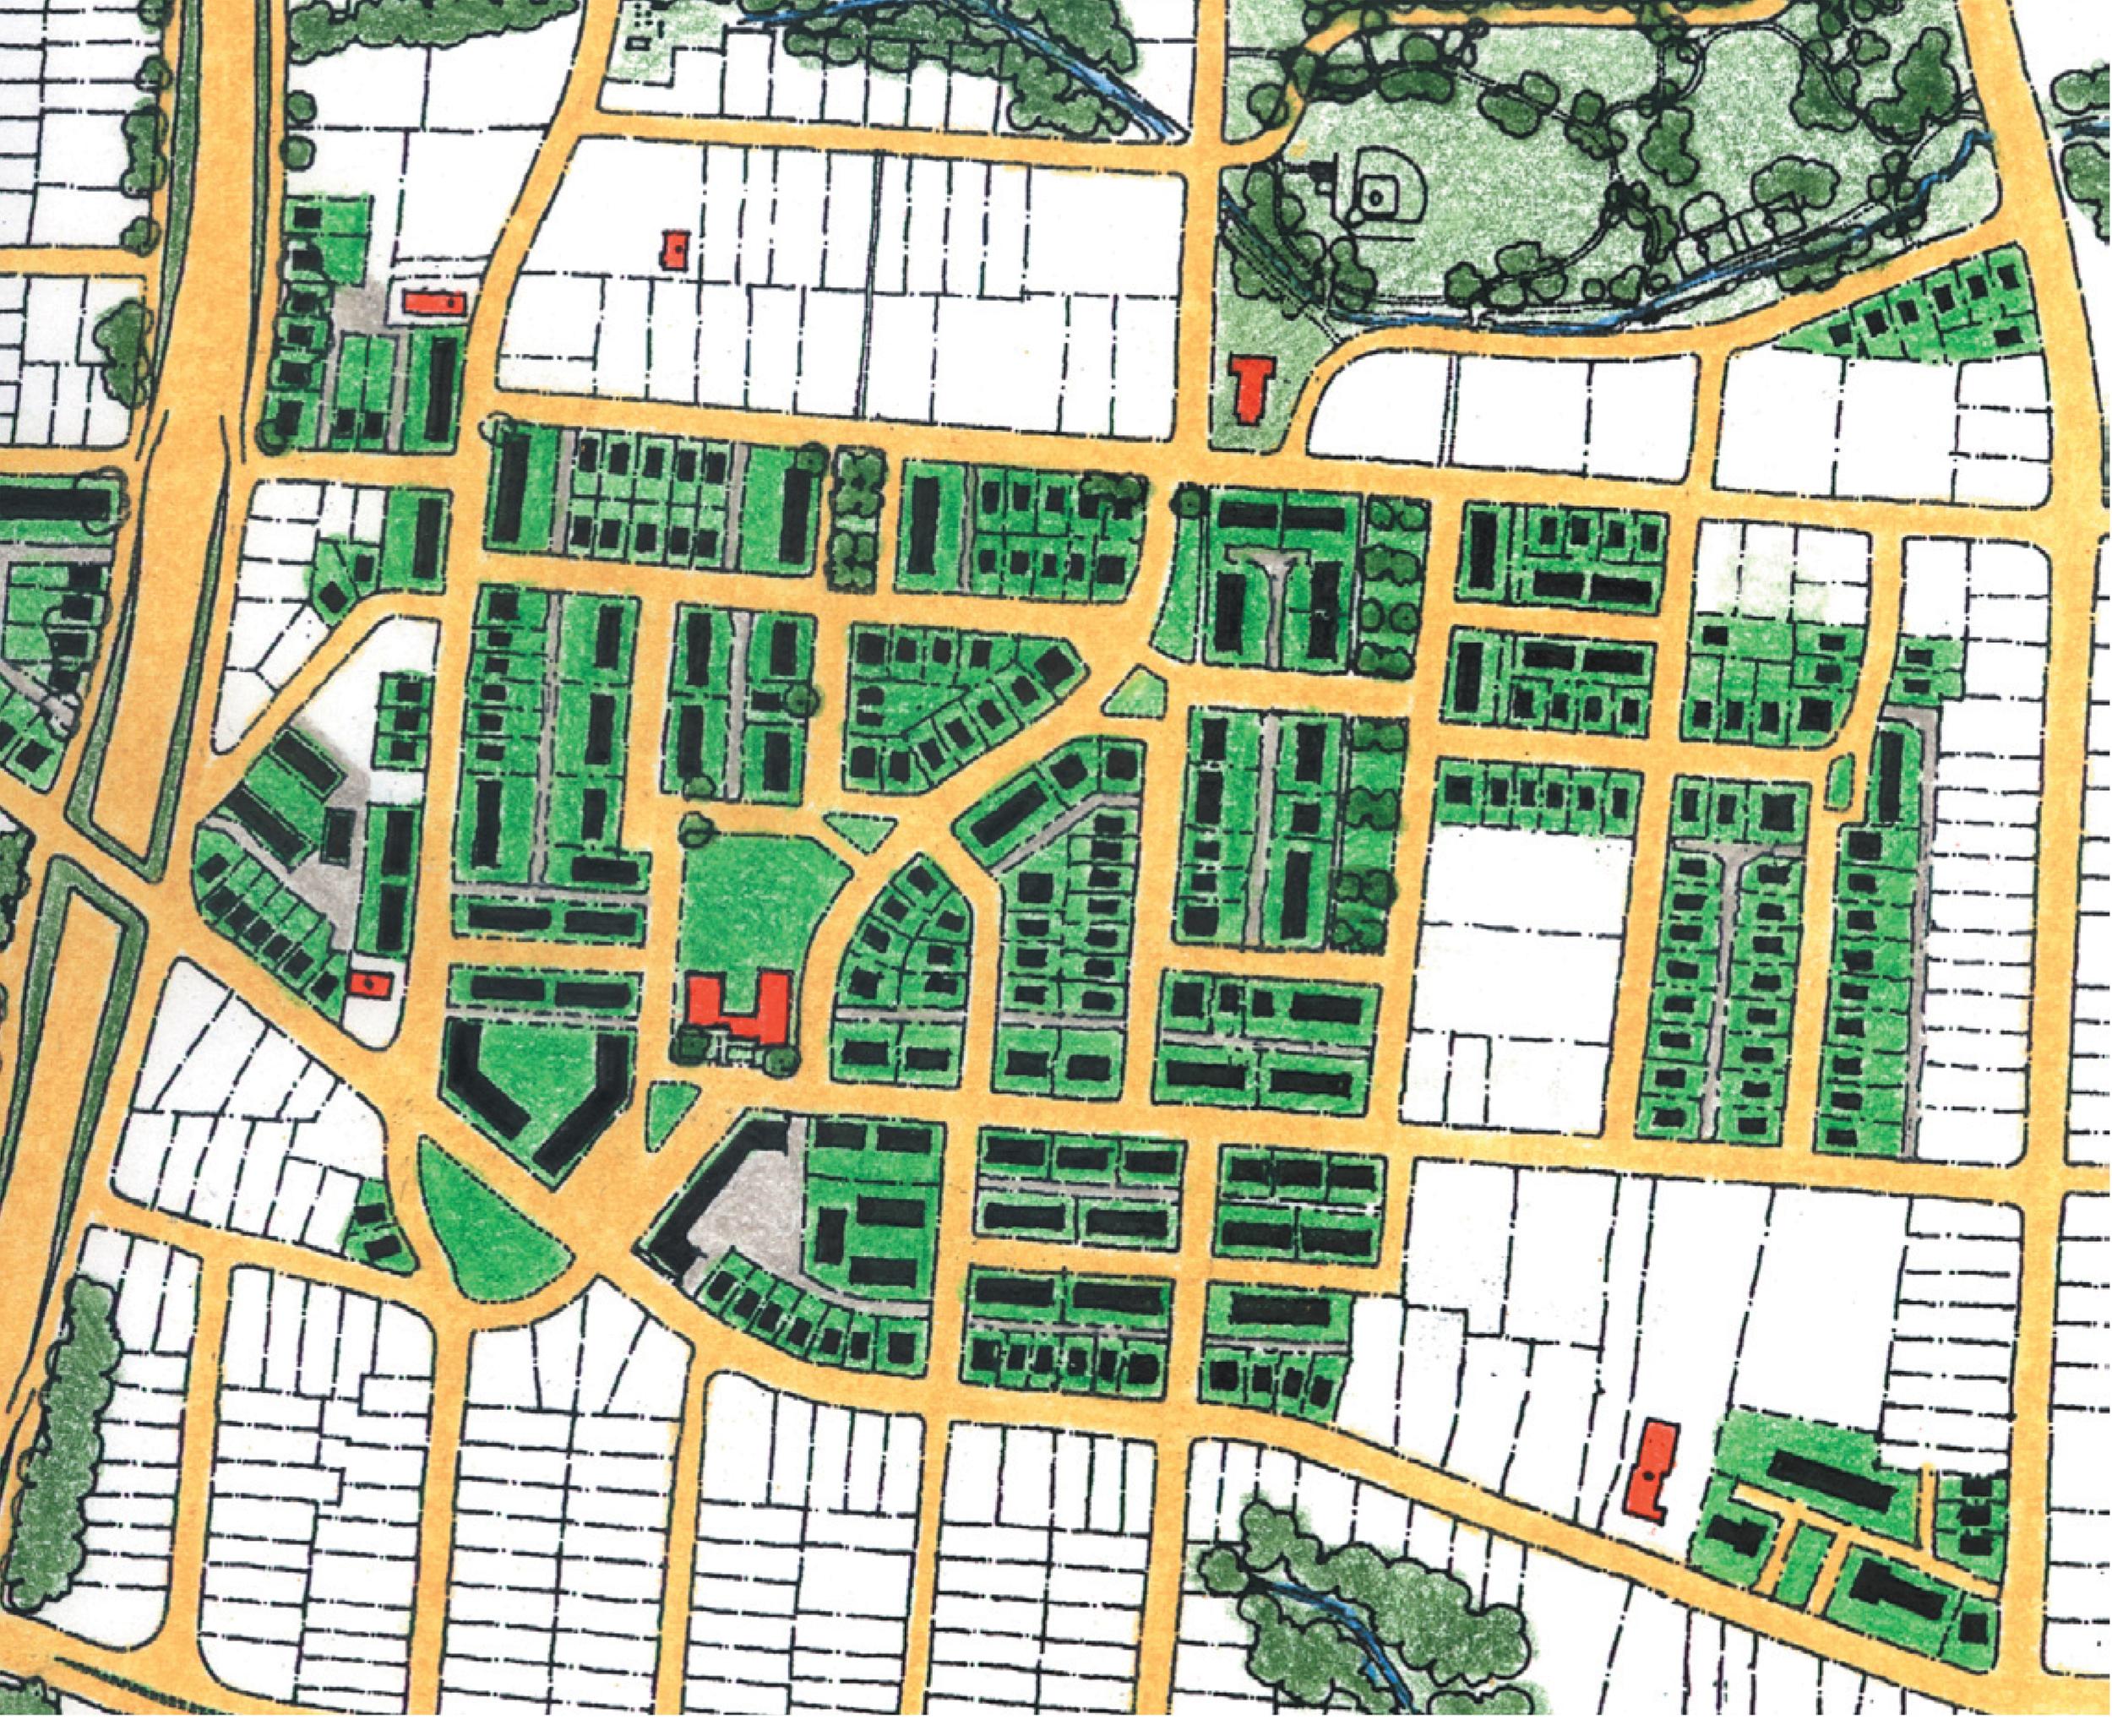 Willow Oaks Hope VI plan